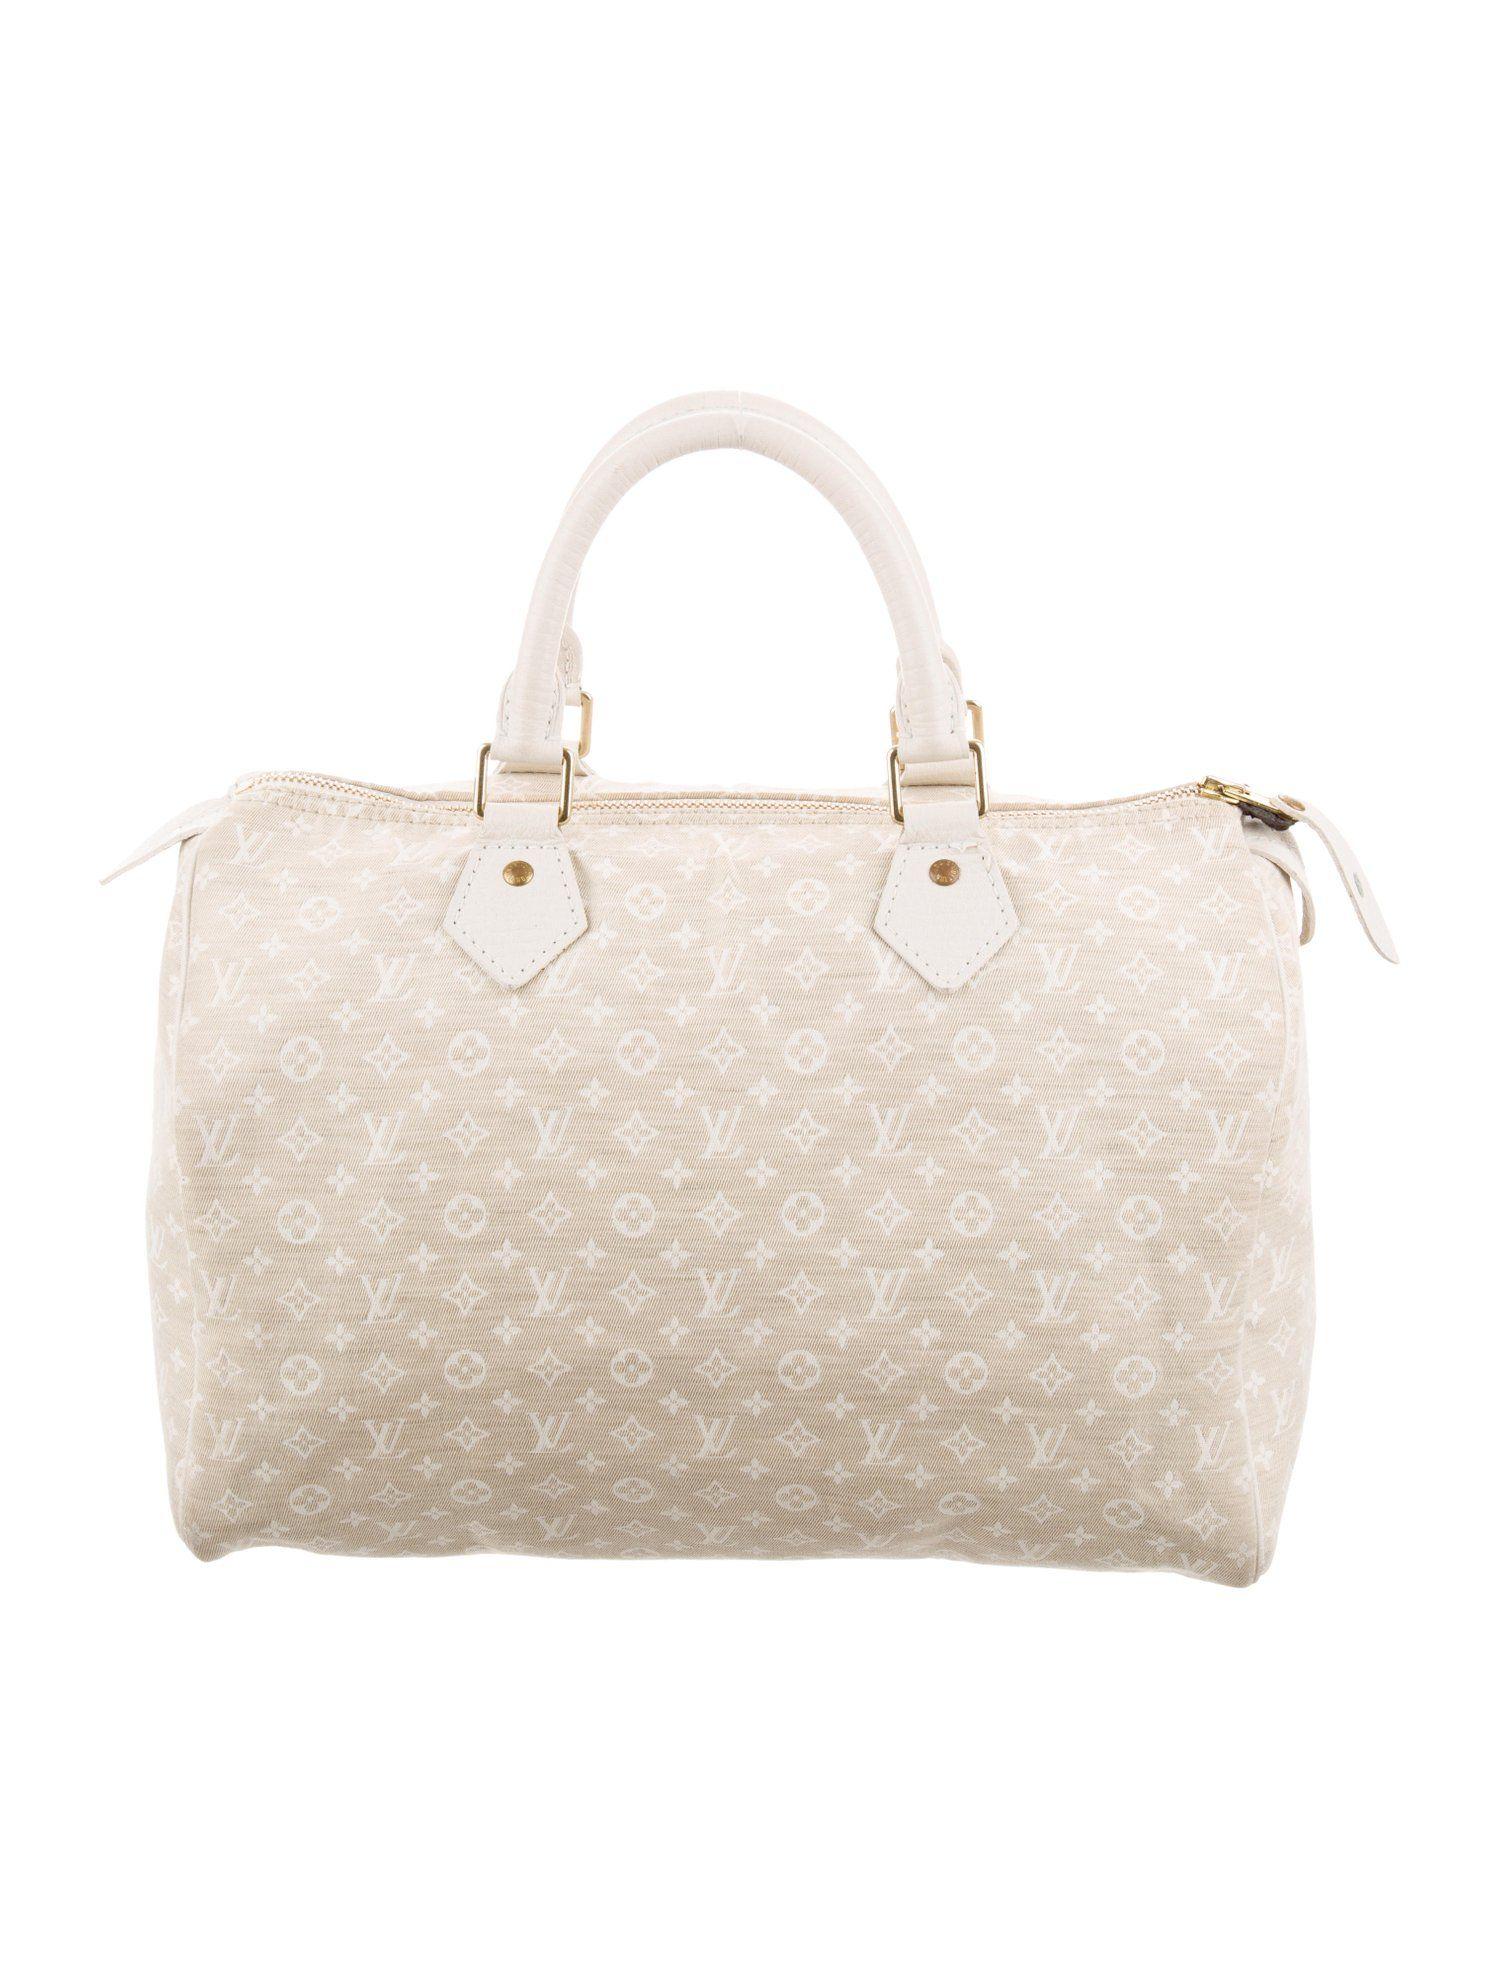 d817fe8fa51b Louis Vuitton Mini Lin Speedy 30 - Handbags - LOU213136